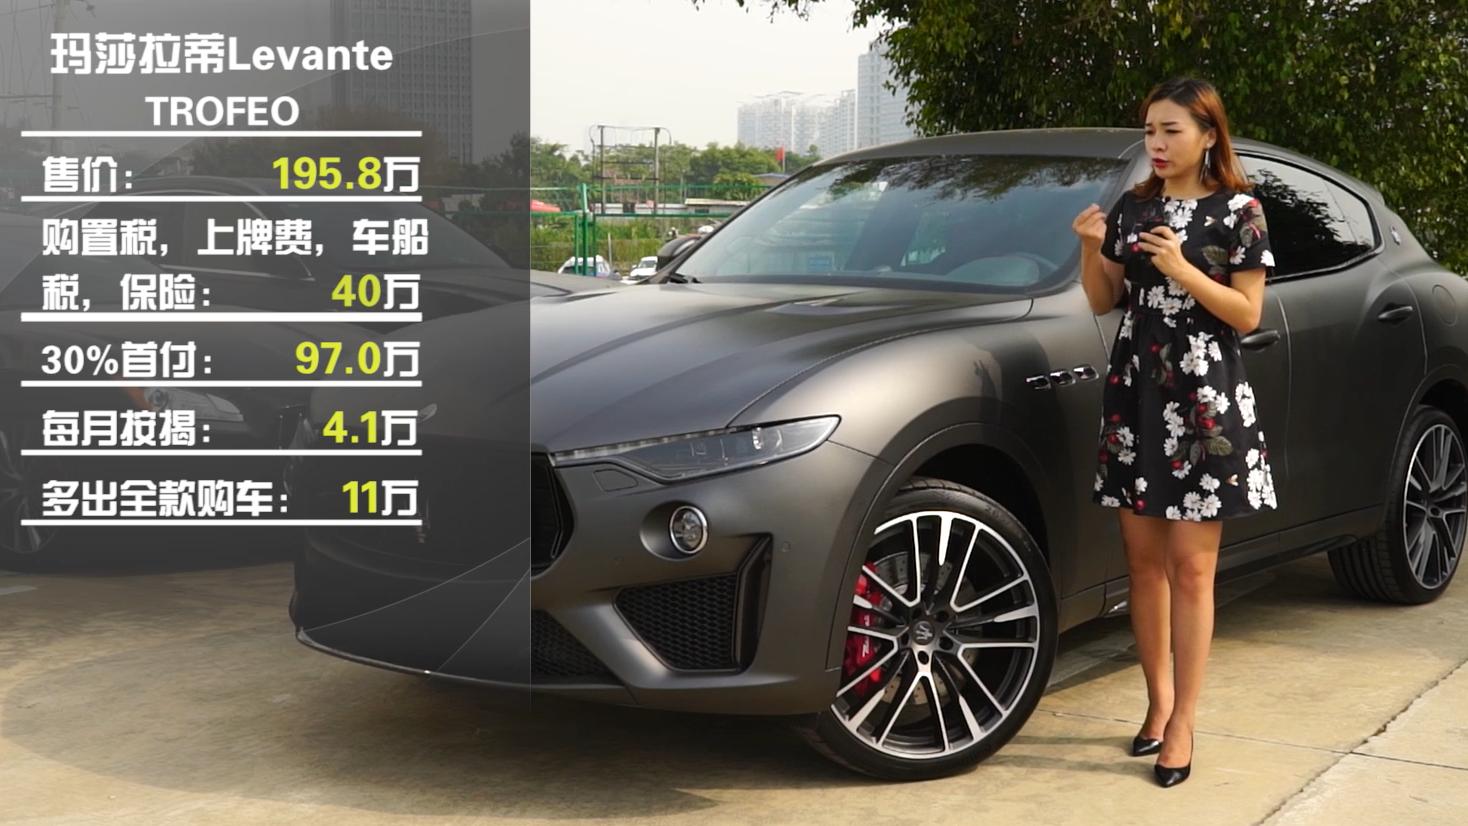 [60秒评新车]玛莎拉蒂Levante Trofeo限量版 定价很给